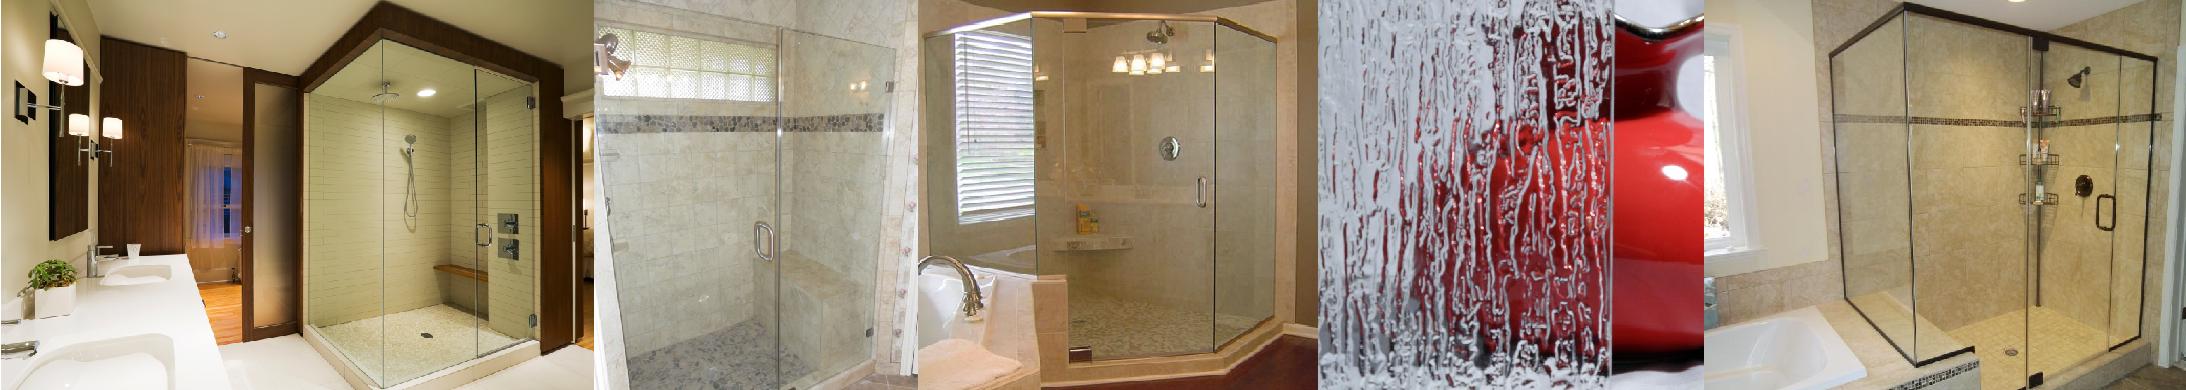 Commercial Frameless Shower Doors Allnite Glass Nashville Tn